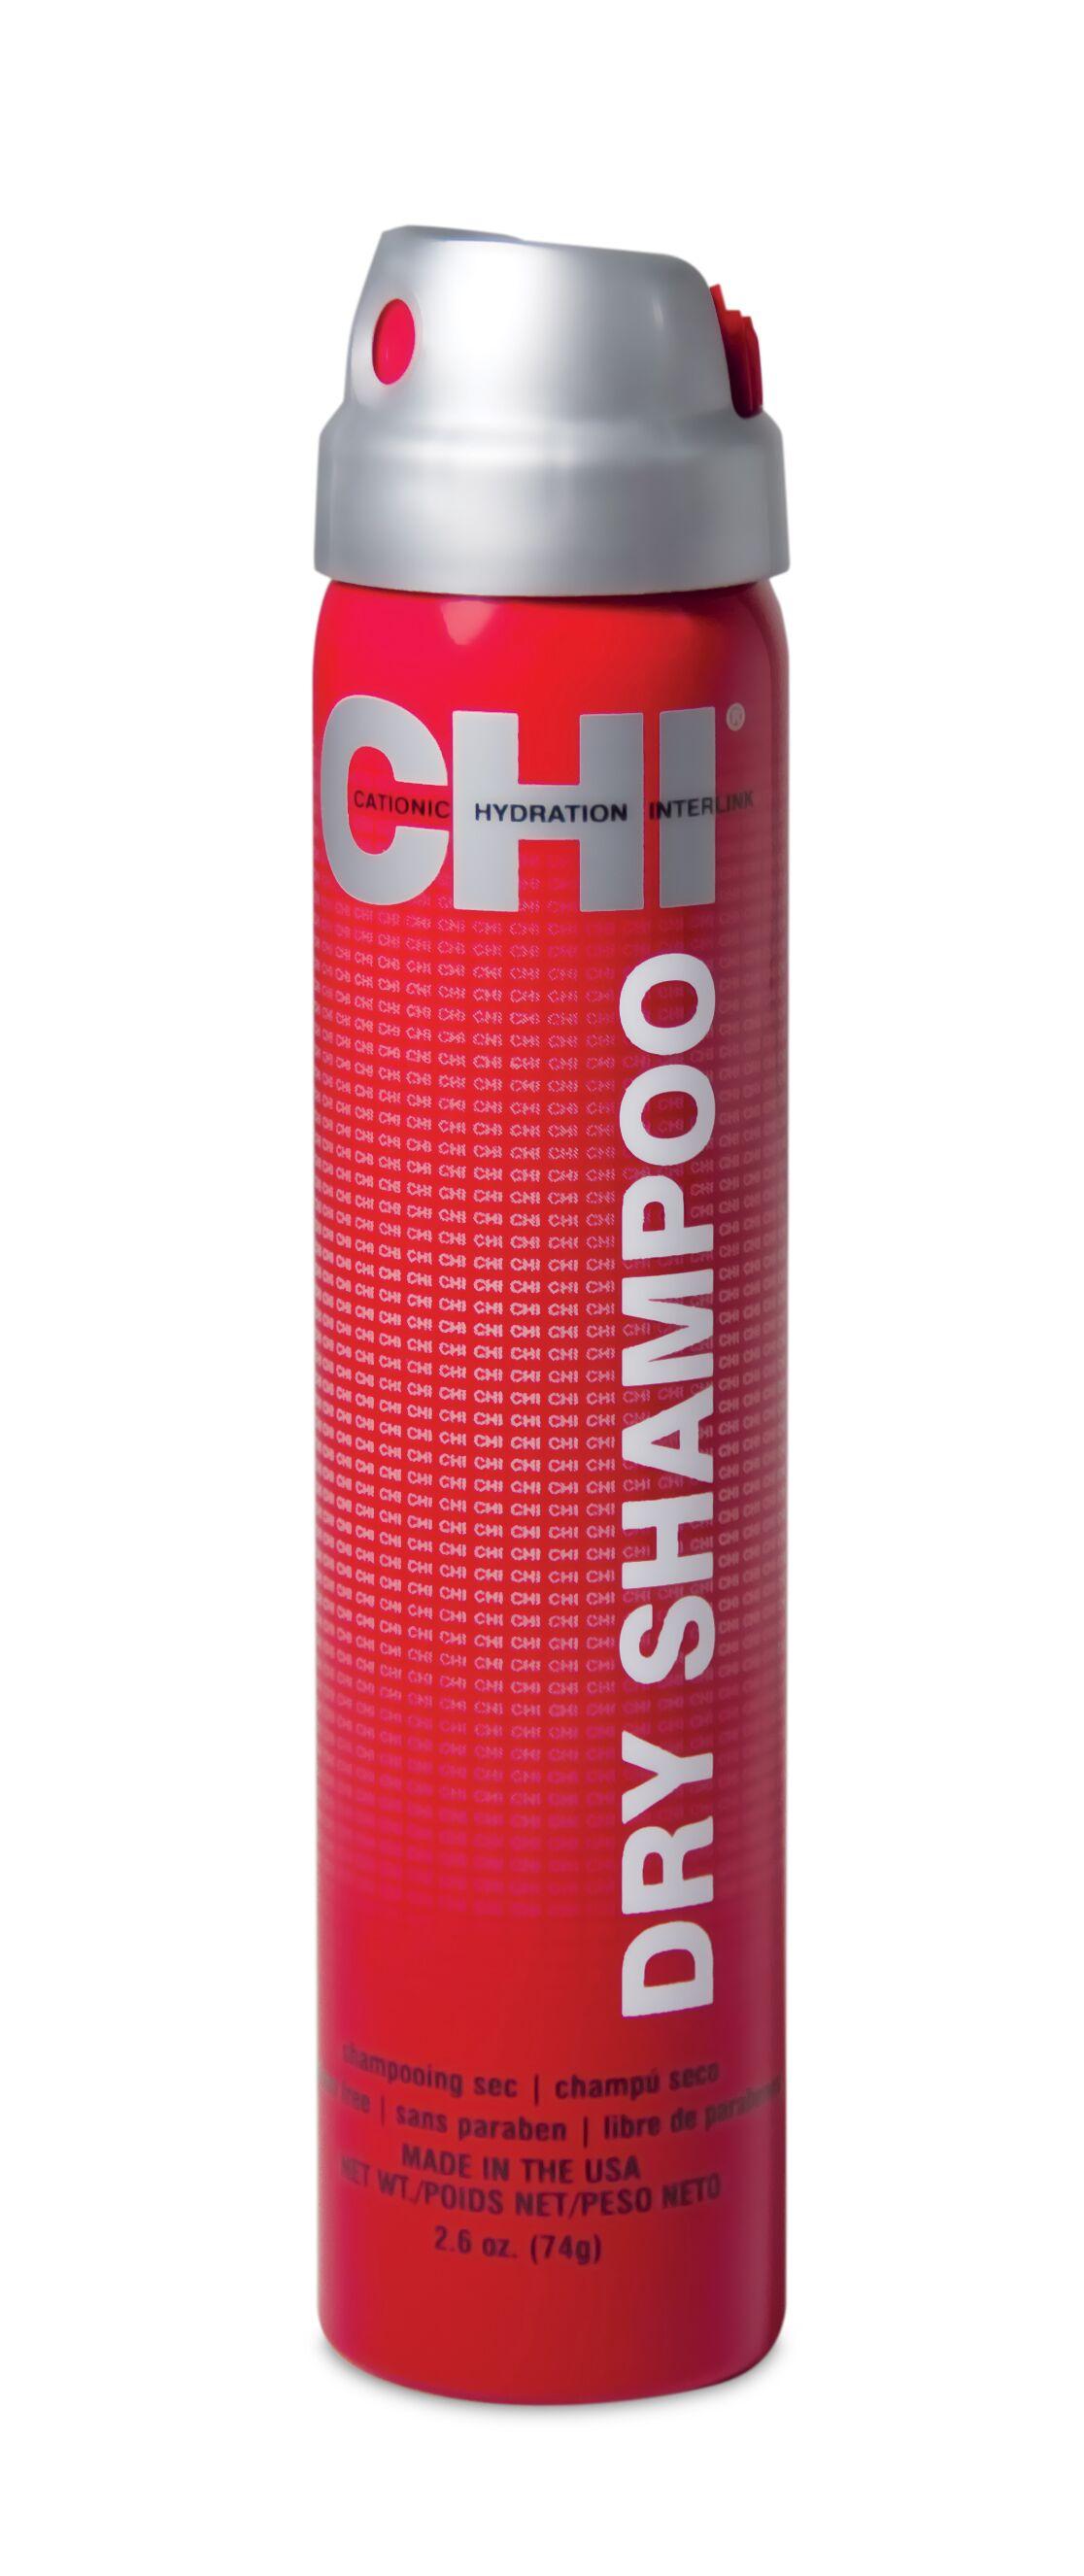 Купить CHI Шампунь сухой c гидролизованным шелком / Dry Shampoo 74 г